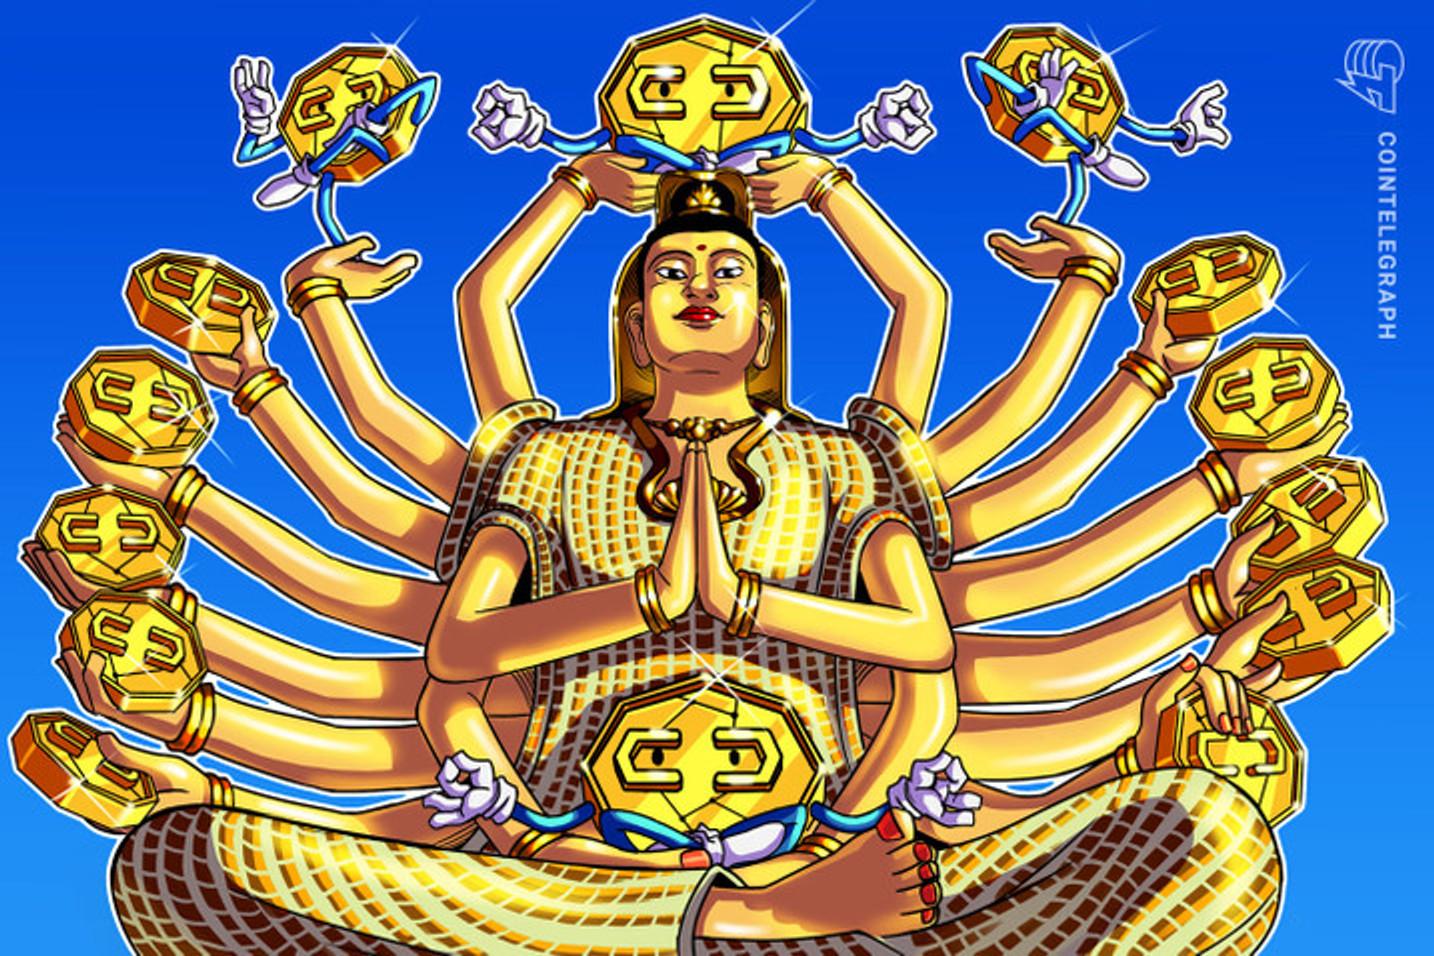 업비트, 태국 가상자산 사업 위한 예비 허가 획득